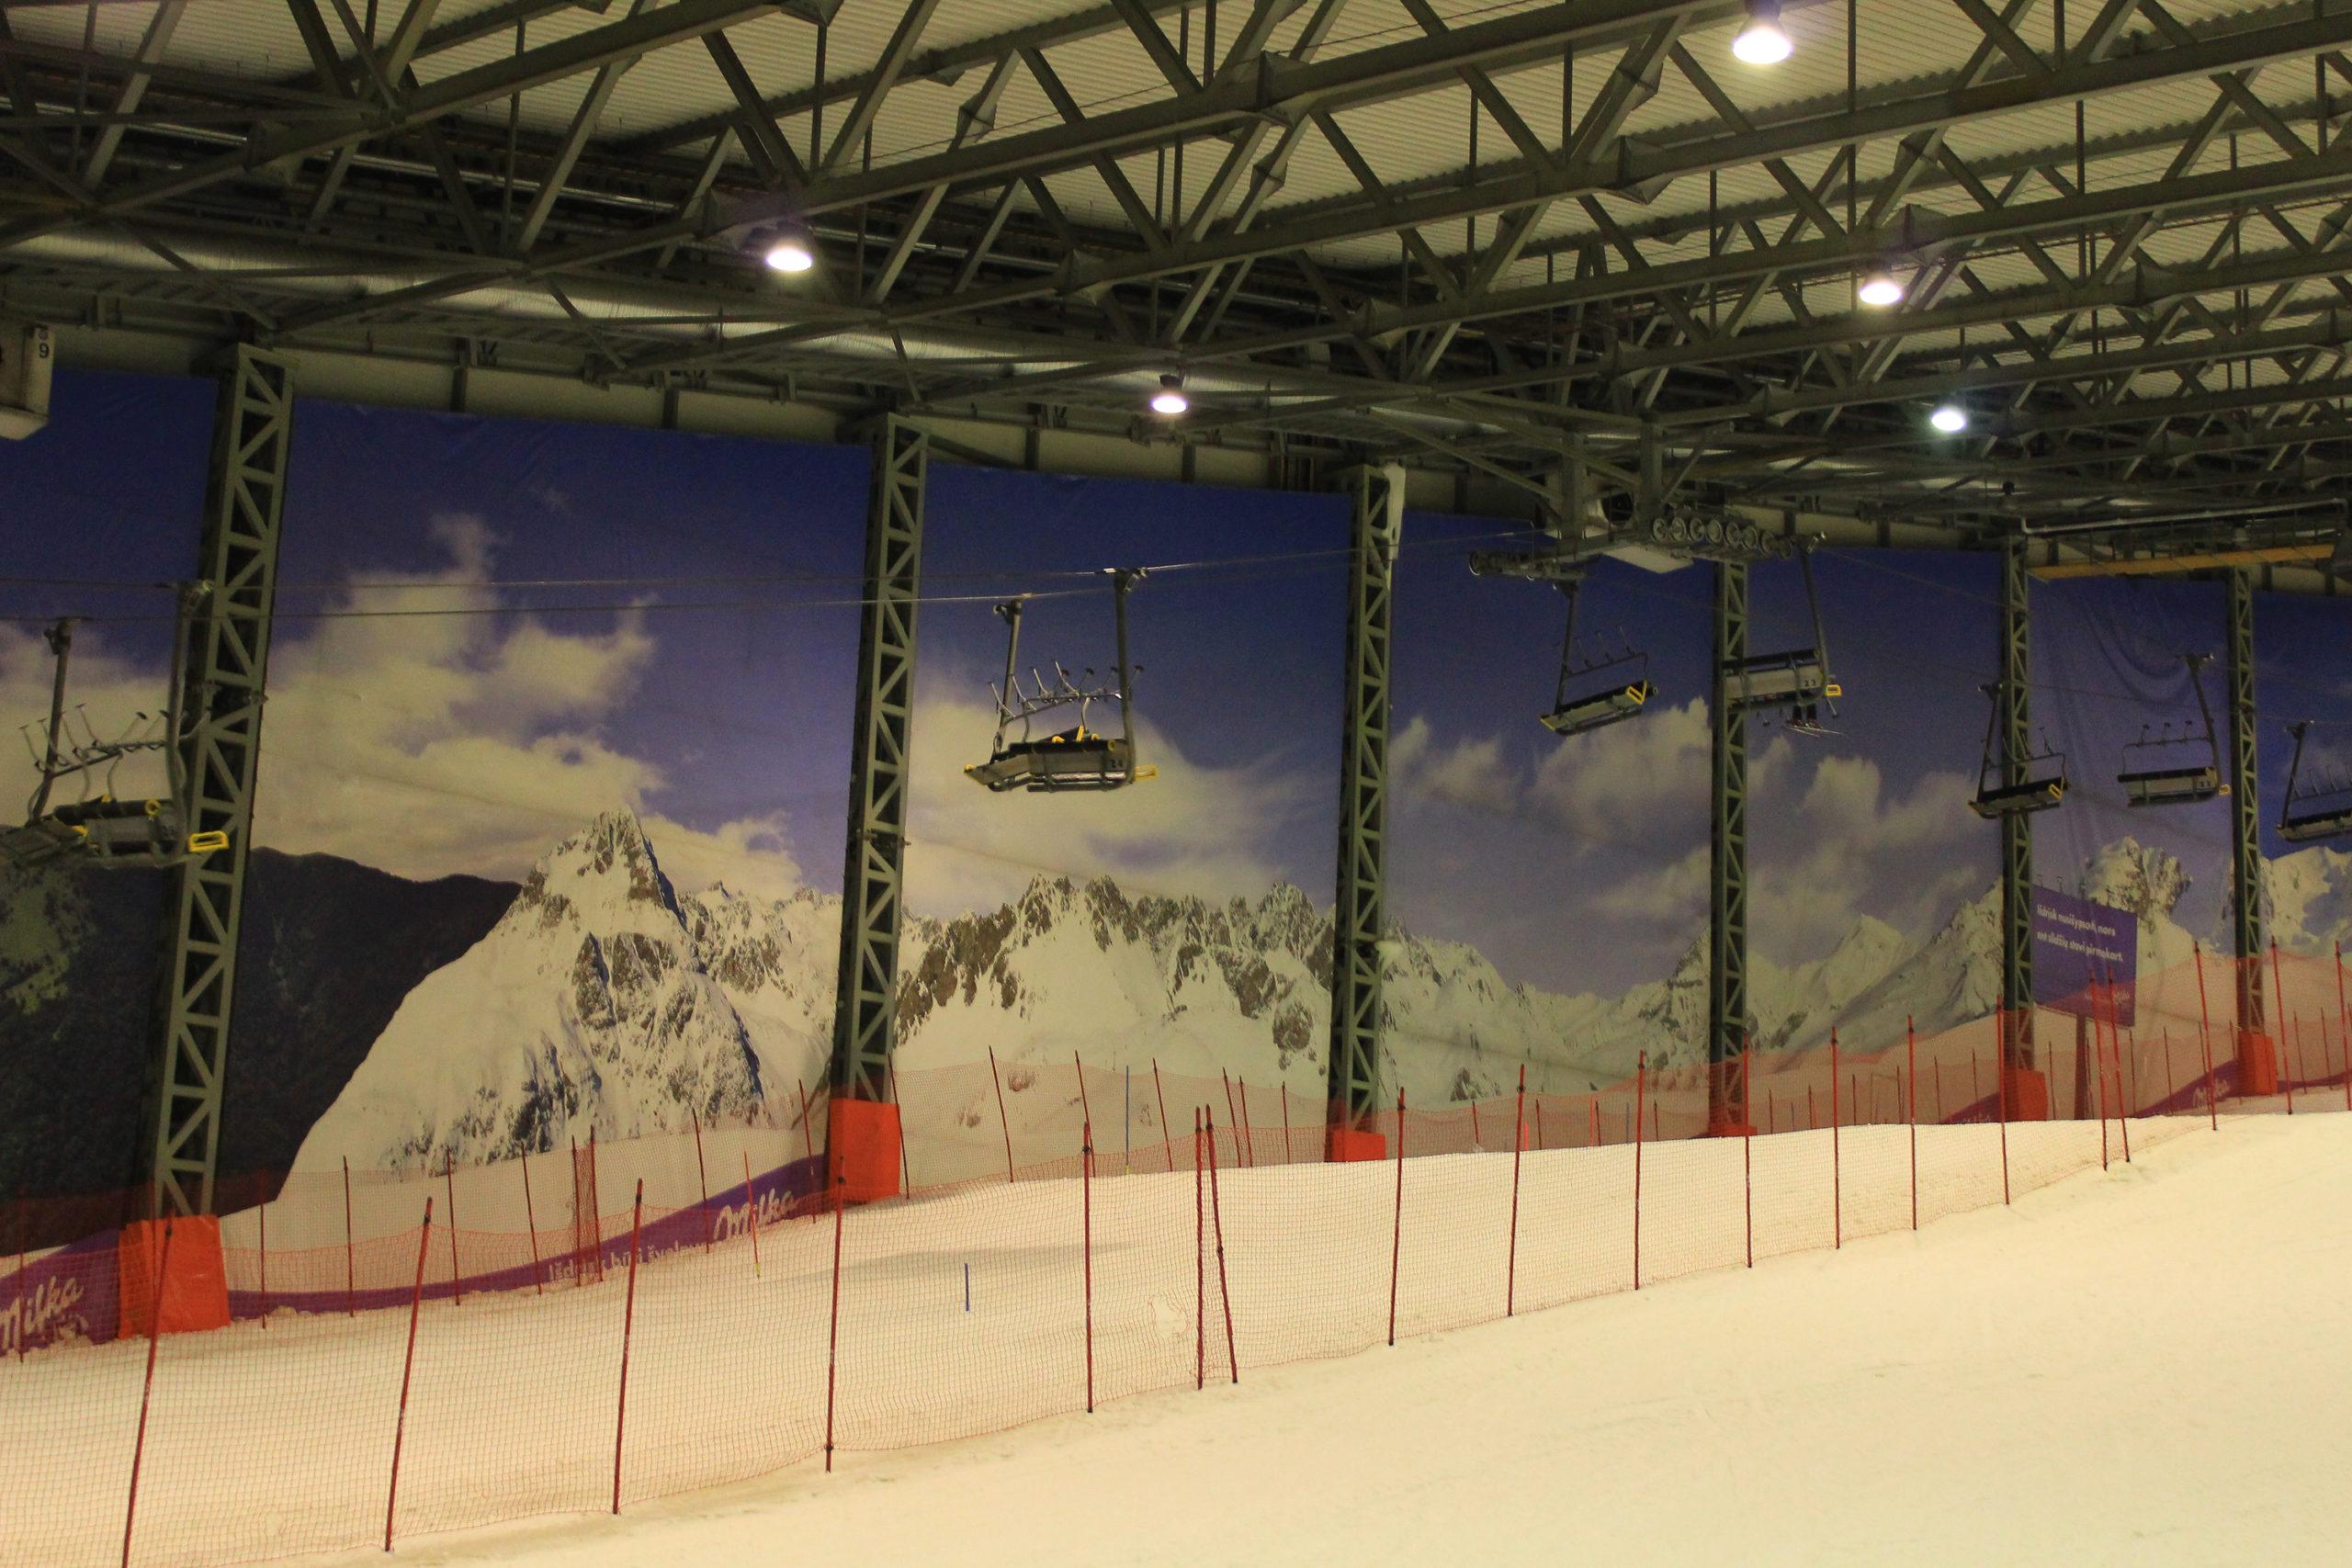 Stok narciarski na hali